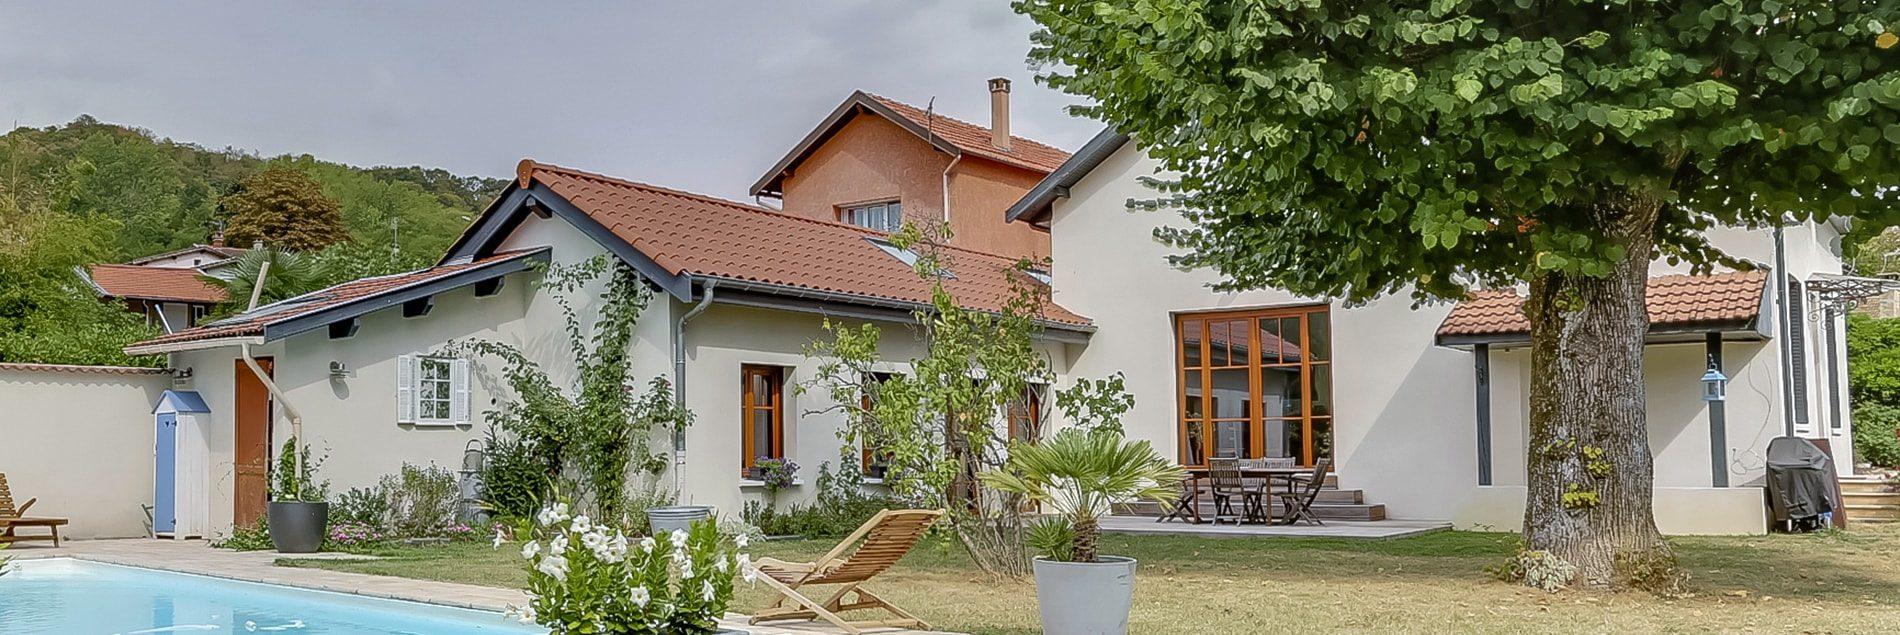 agrandir sa maison à Strasbourg